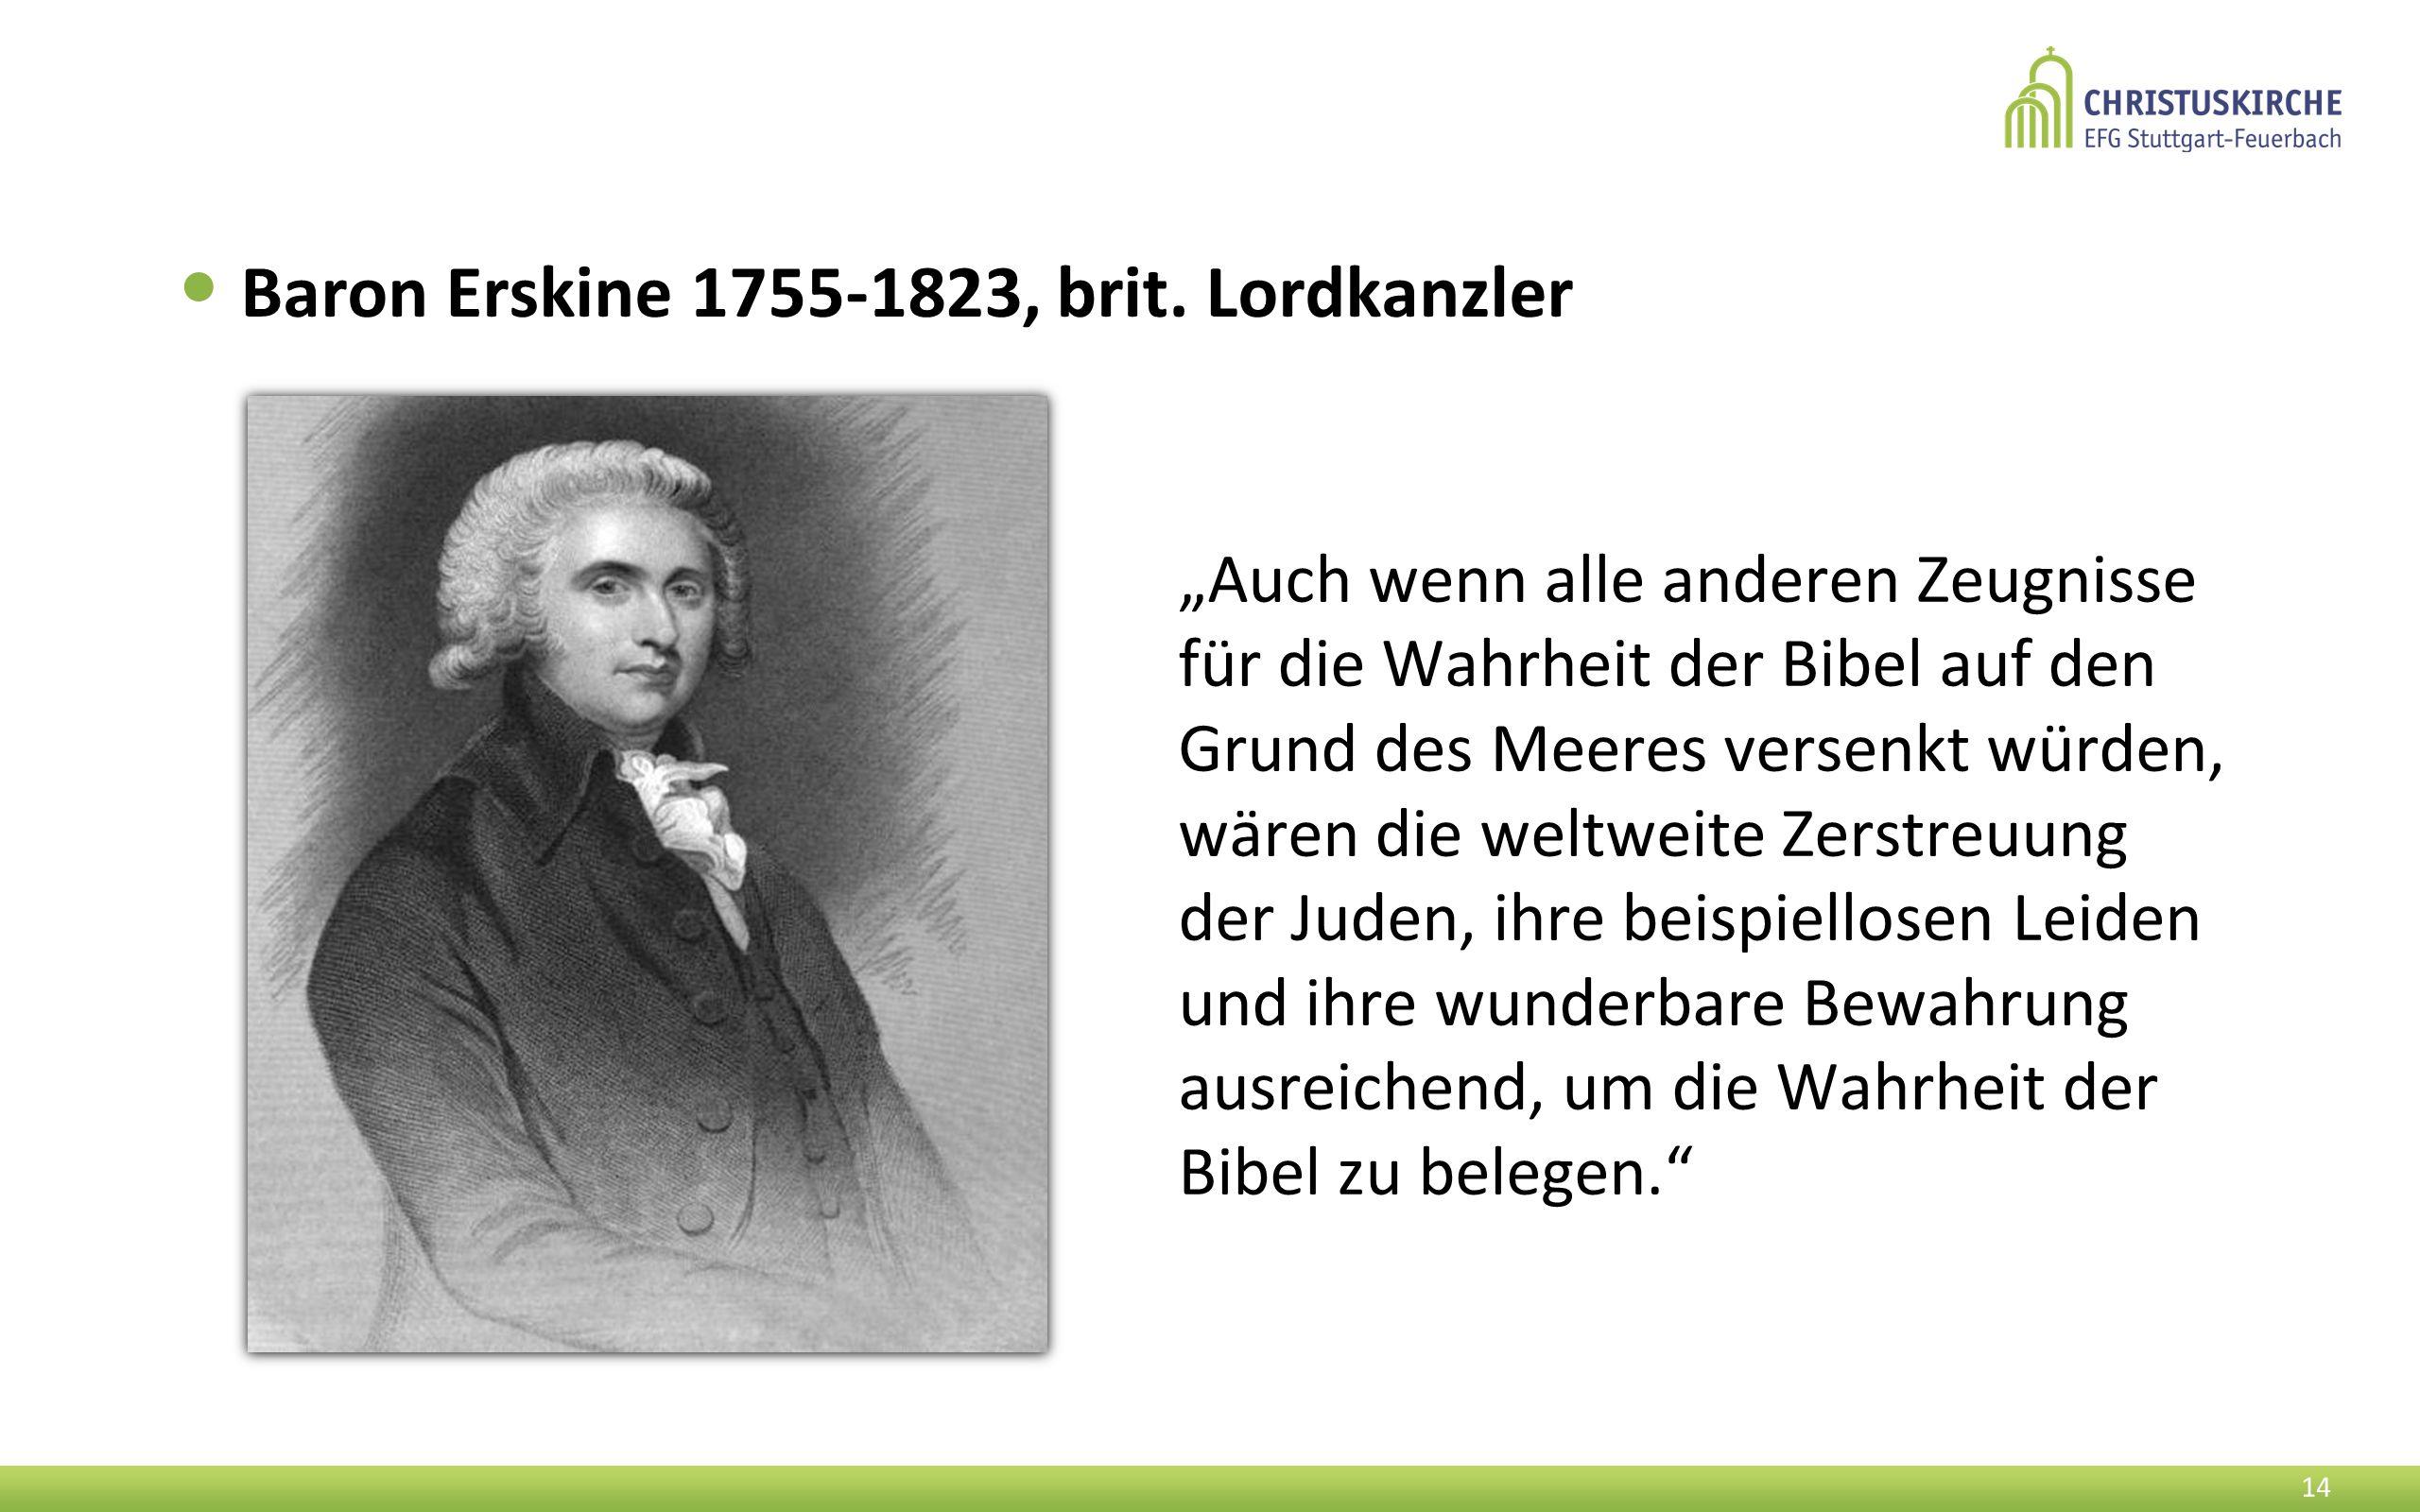 Baron Erskine 1755-1823, brit. Lordkanzler